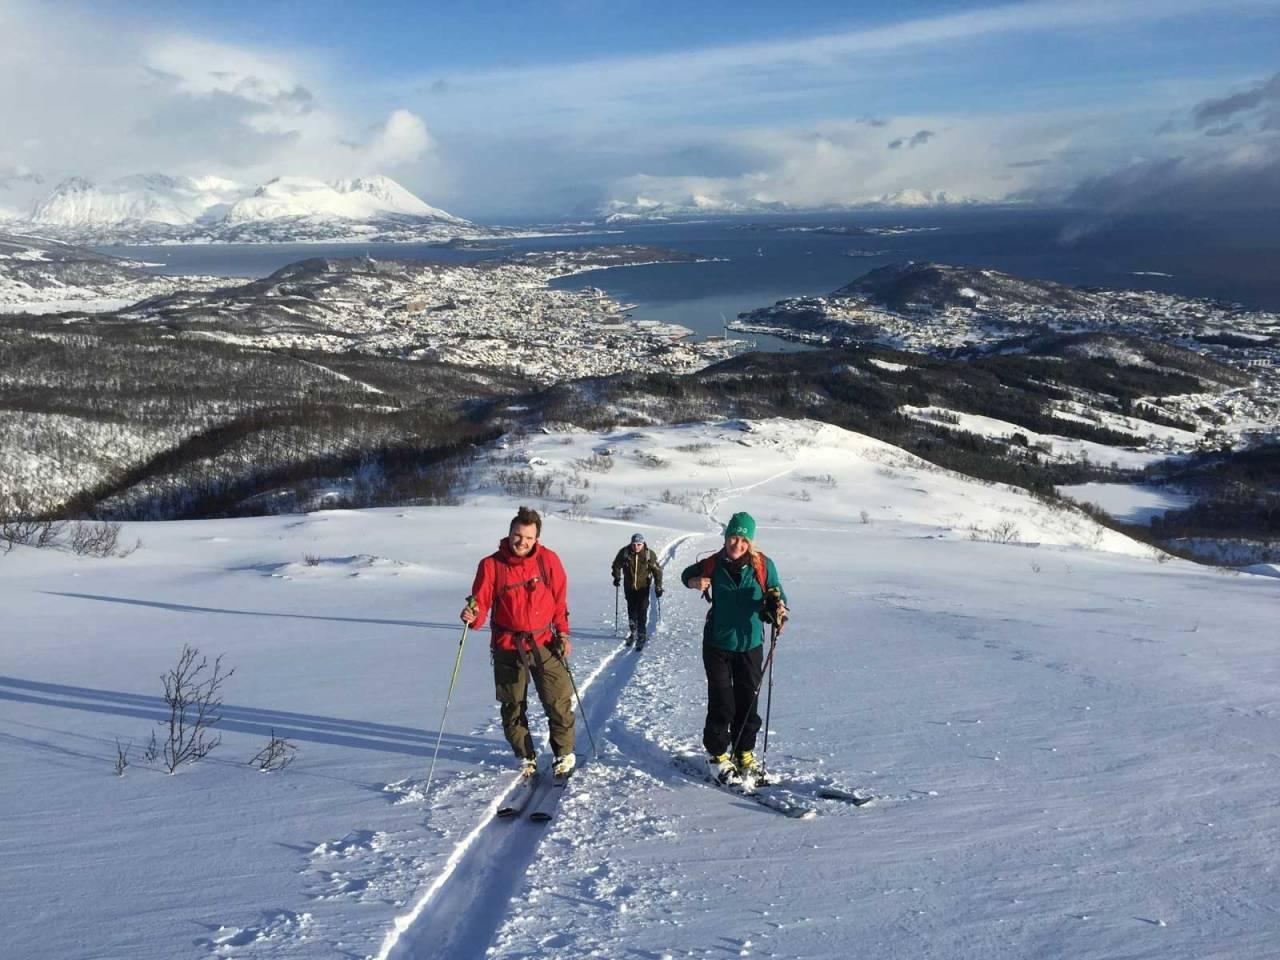 Silje Gry Hanssen og Odd Magne Fagerland på vei opp på Heia, Harstad i bakgrunnen.